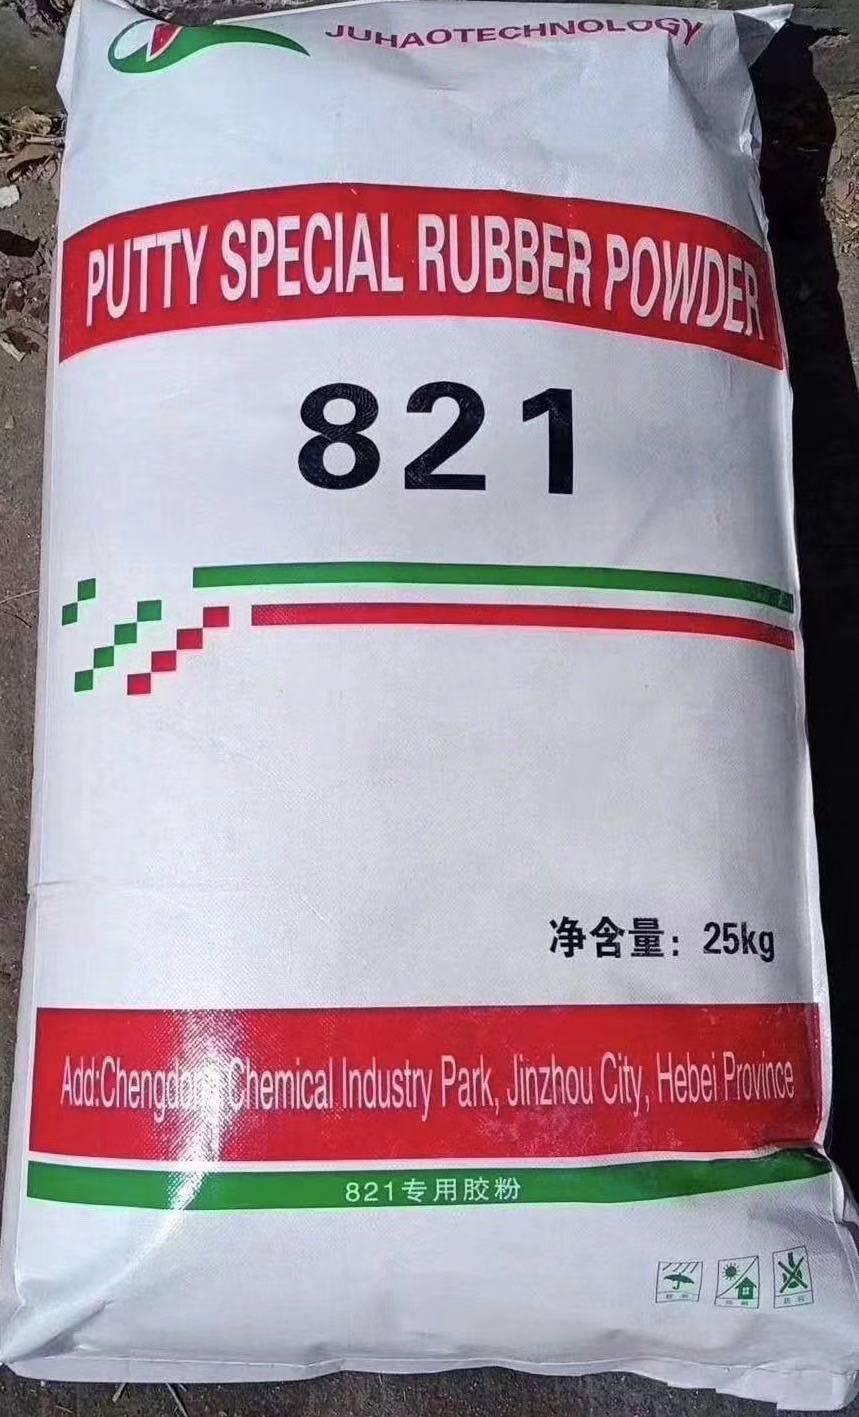 新疆腻子粉专用胶粉批发厂家-哈密821腻子专用胶粉生产厂家